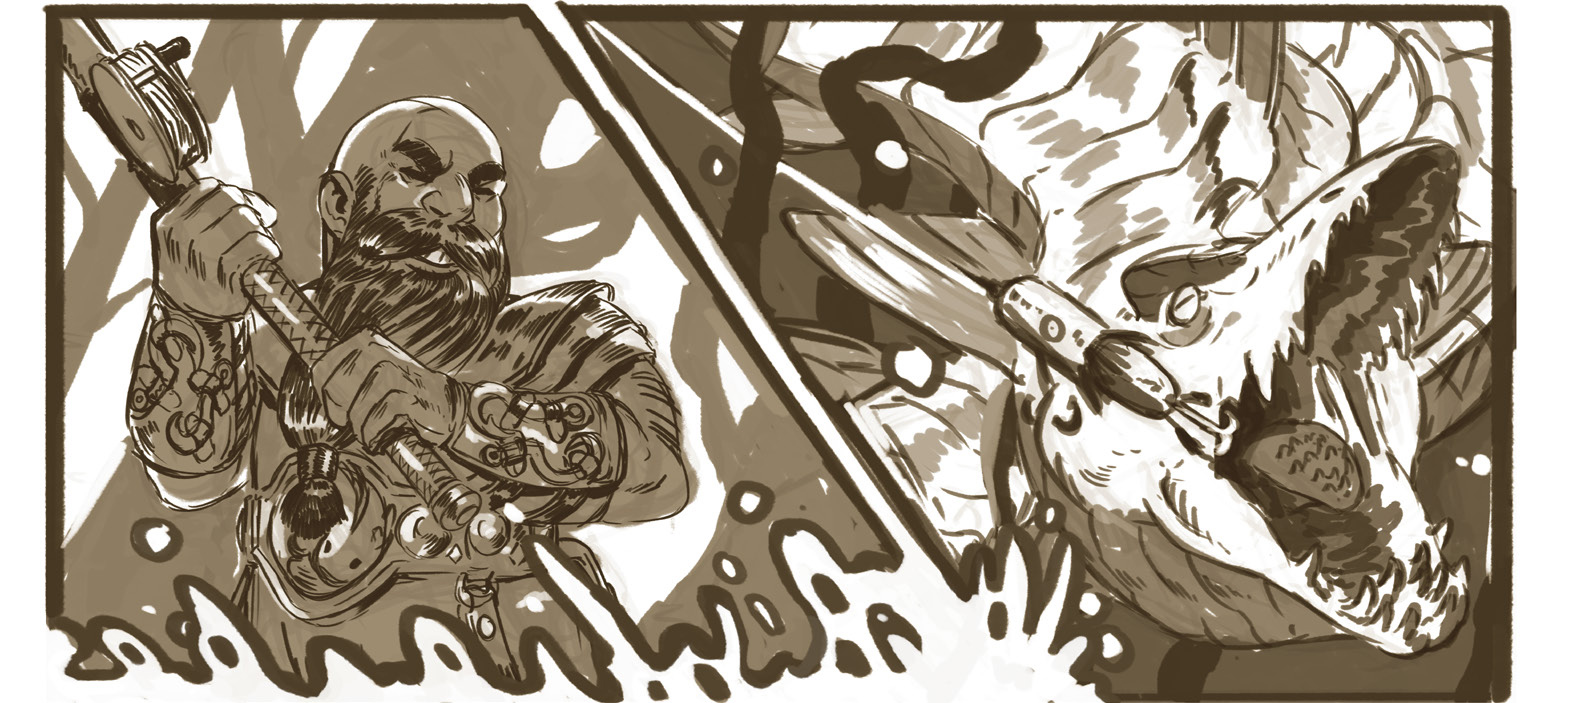 """stephen-wood A pesca di wurm - by Stephen Wood Dungeon Master's Guild """"Angler: a Ranger's Path"""" (2018-02) © Wizards of the Coast e dell'autore, tutti i diritti riservati"""